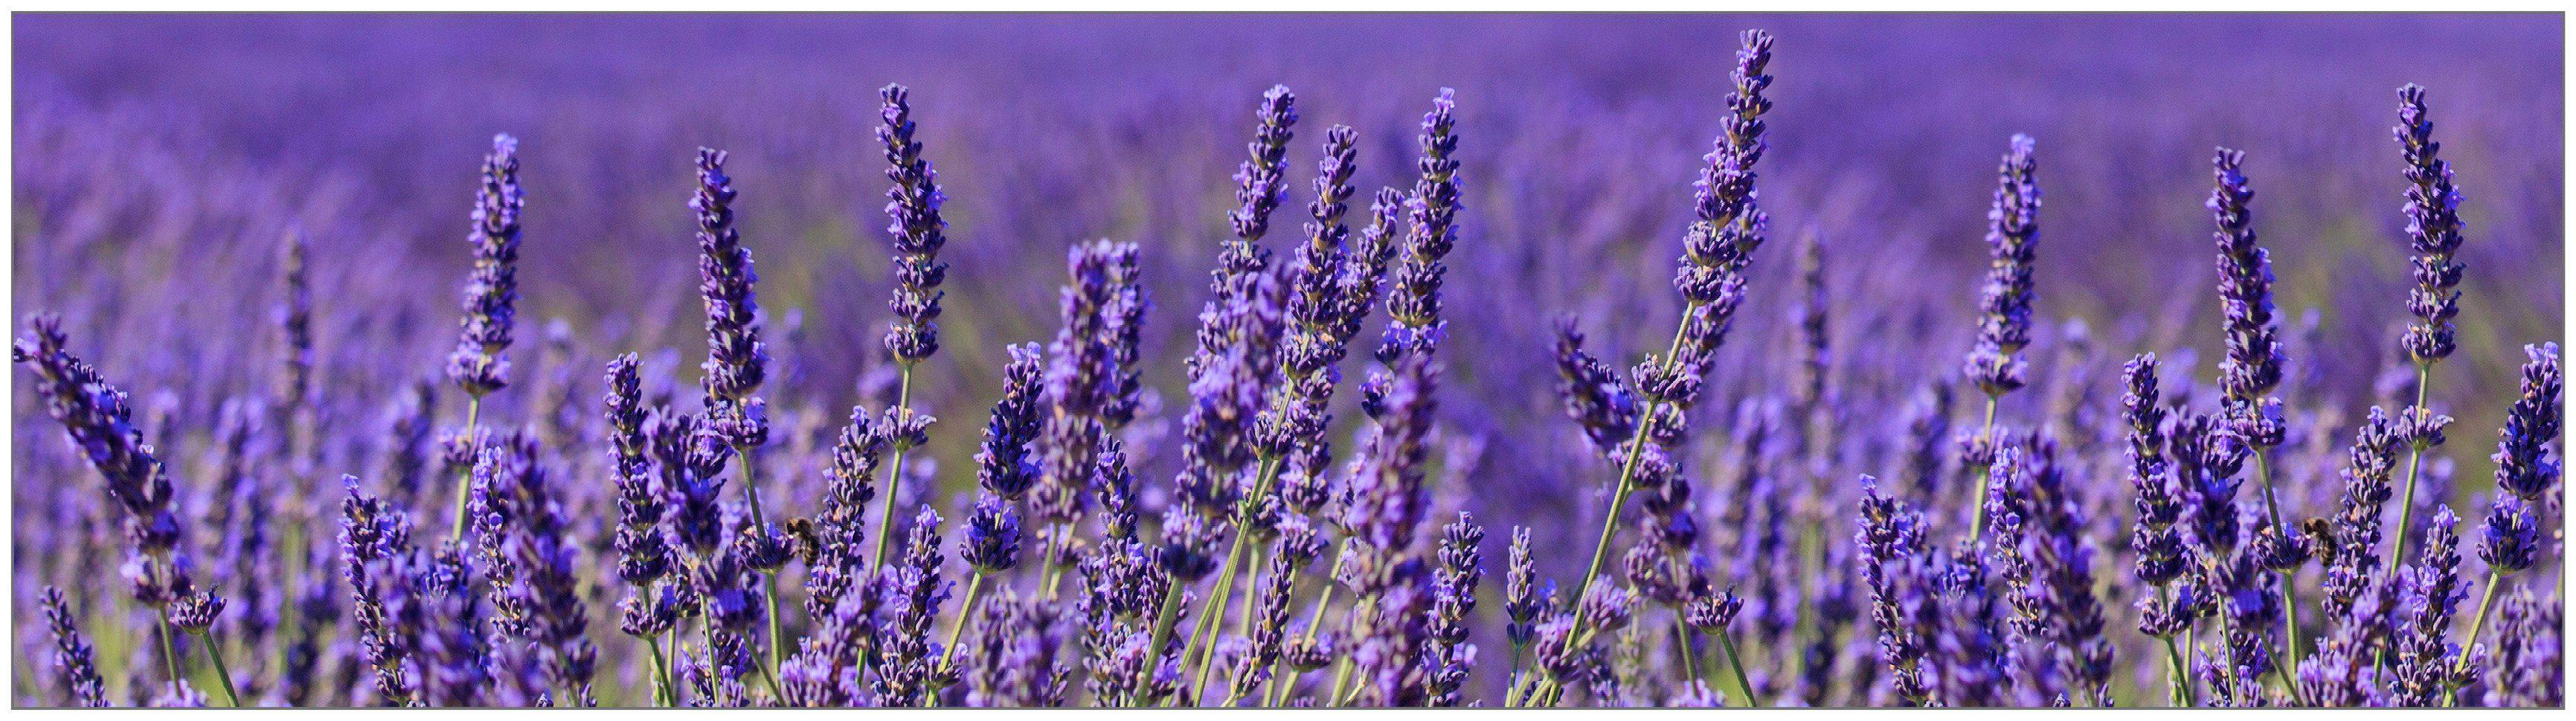 Küchenrückwand - Spritzschutz »profix«, Lavendel, 220x60 cm